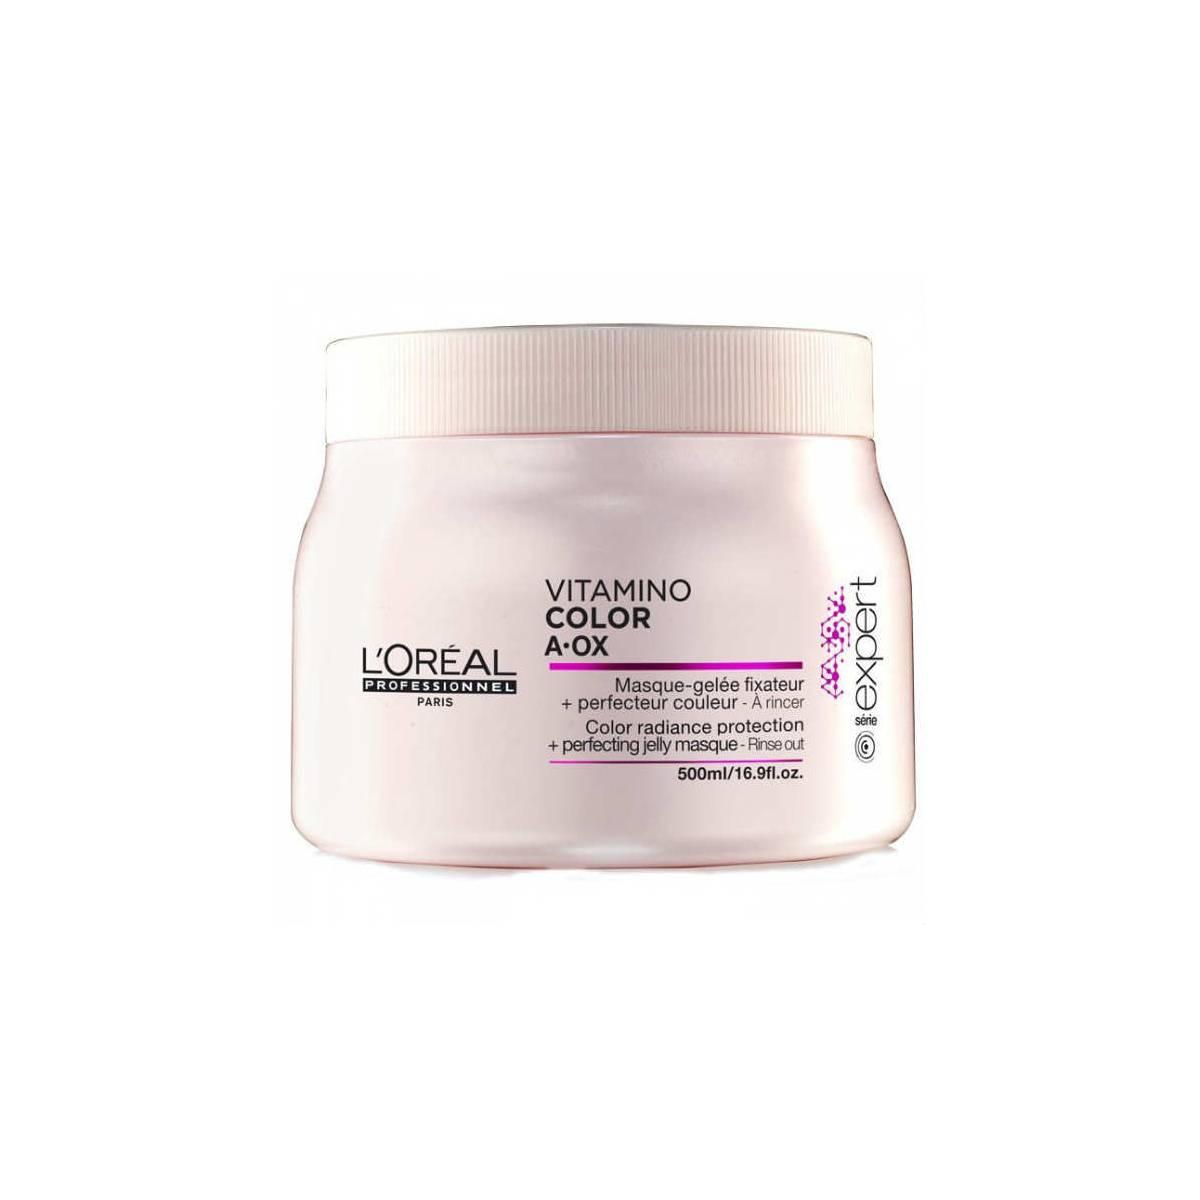 LOreal Professionnel Expert Vitamino Маска-фиксатор цвета Color AOX 500 млE0714861Маска-фиксатор цвета Витамино Колор – это средство, предназначенное для ухода за окрашенными волосами. Средство обладает особой формулой, благодаря которой на волосах образуется защитная плёнка, препятствующая вымыванию цвета и обеспечивающая волосам защиту от воздействия негативных факторов. Эффект будет очевиден уже после первого применения: волосы станут упругими и мягкими, приобретут изысканный блеск. При регулярном применении волосы будут выглядеть так, будто вы недавно посетили салон красоты. Кроме того, улучшится и структура волос, а их цвет не потускнеет даже спустя долгое время.